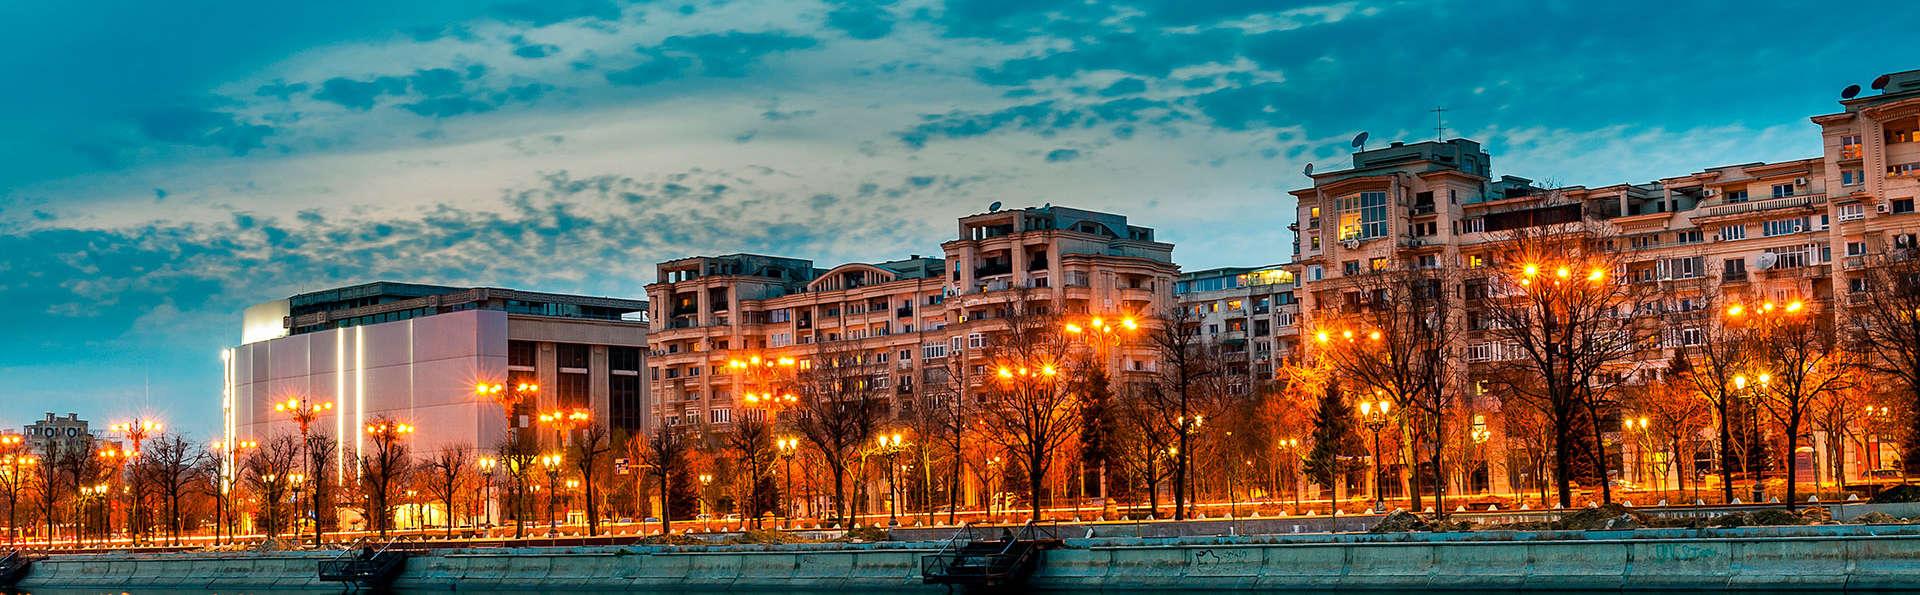 Una fuga di passione con cena romantica a Bucarest (da 2 notti)